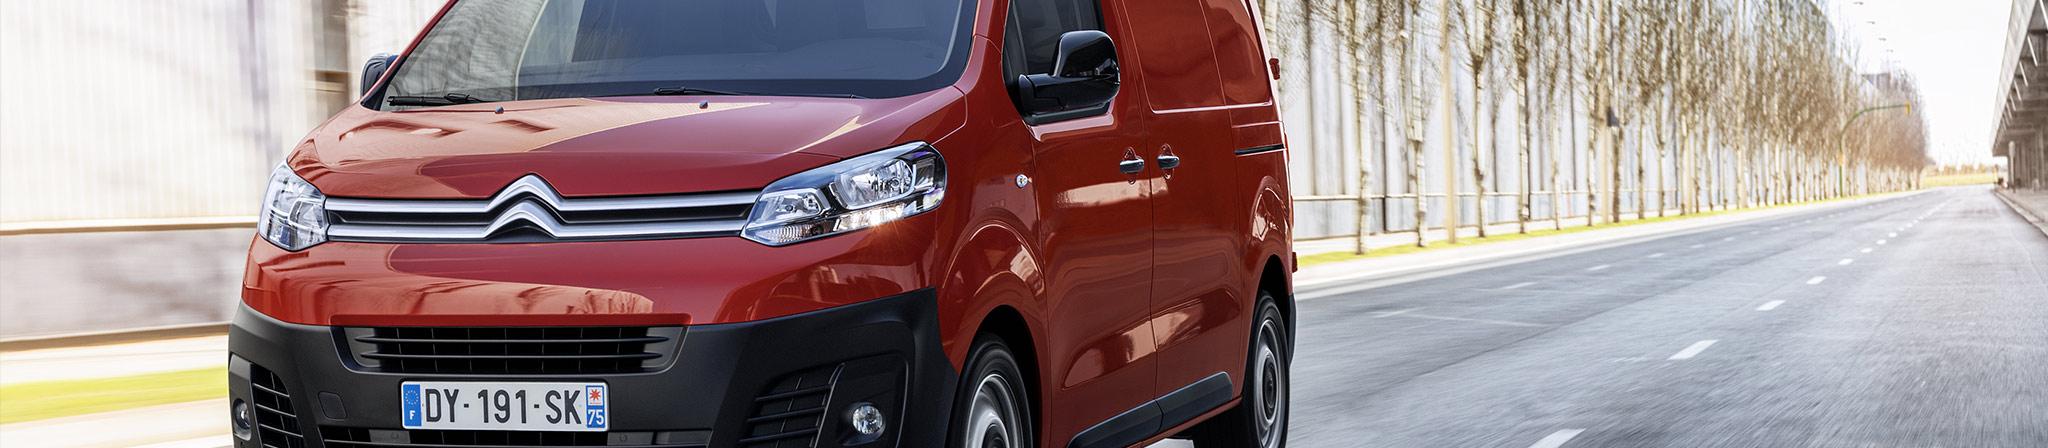 Новинки от Peugeot и Citroën в 2017 году